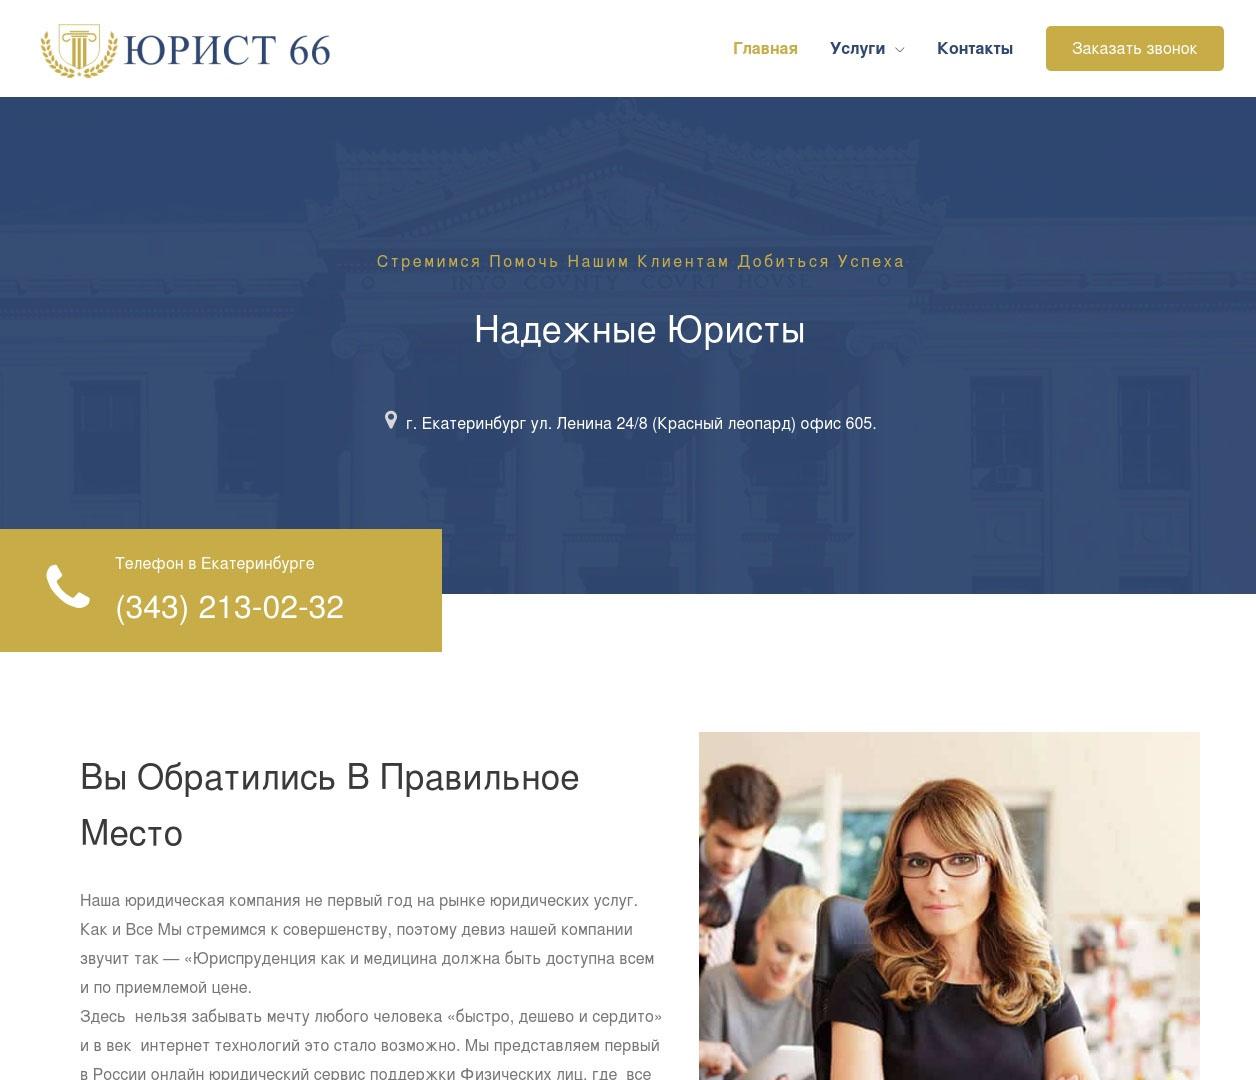 Юрист 66 — онлайн сервис